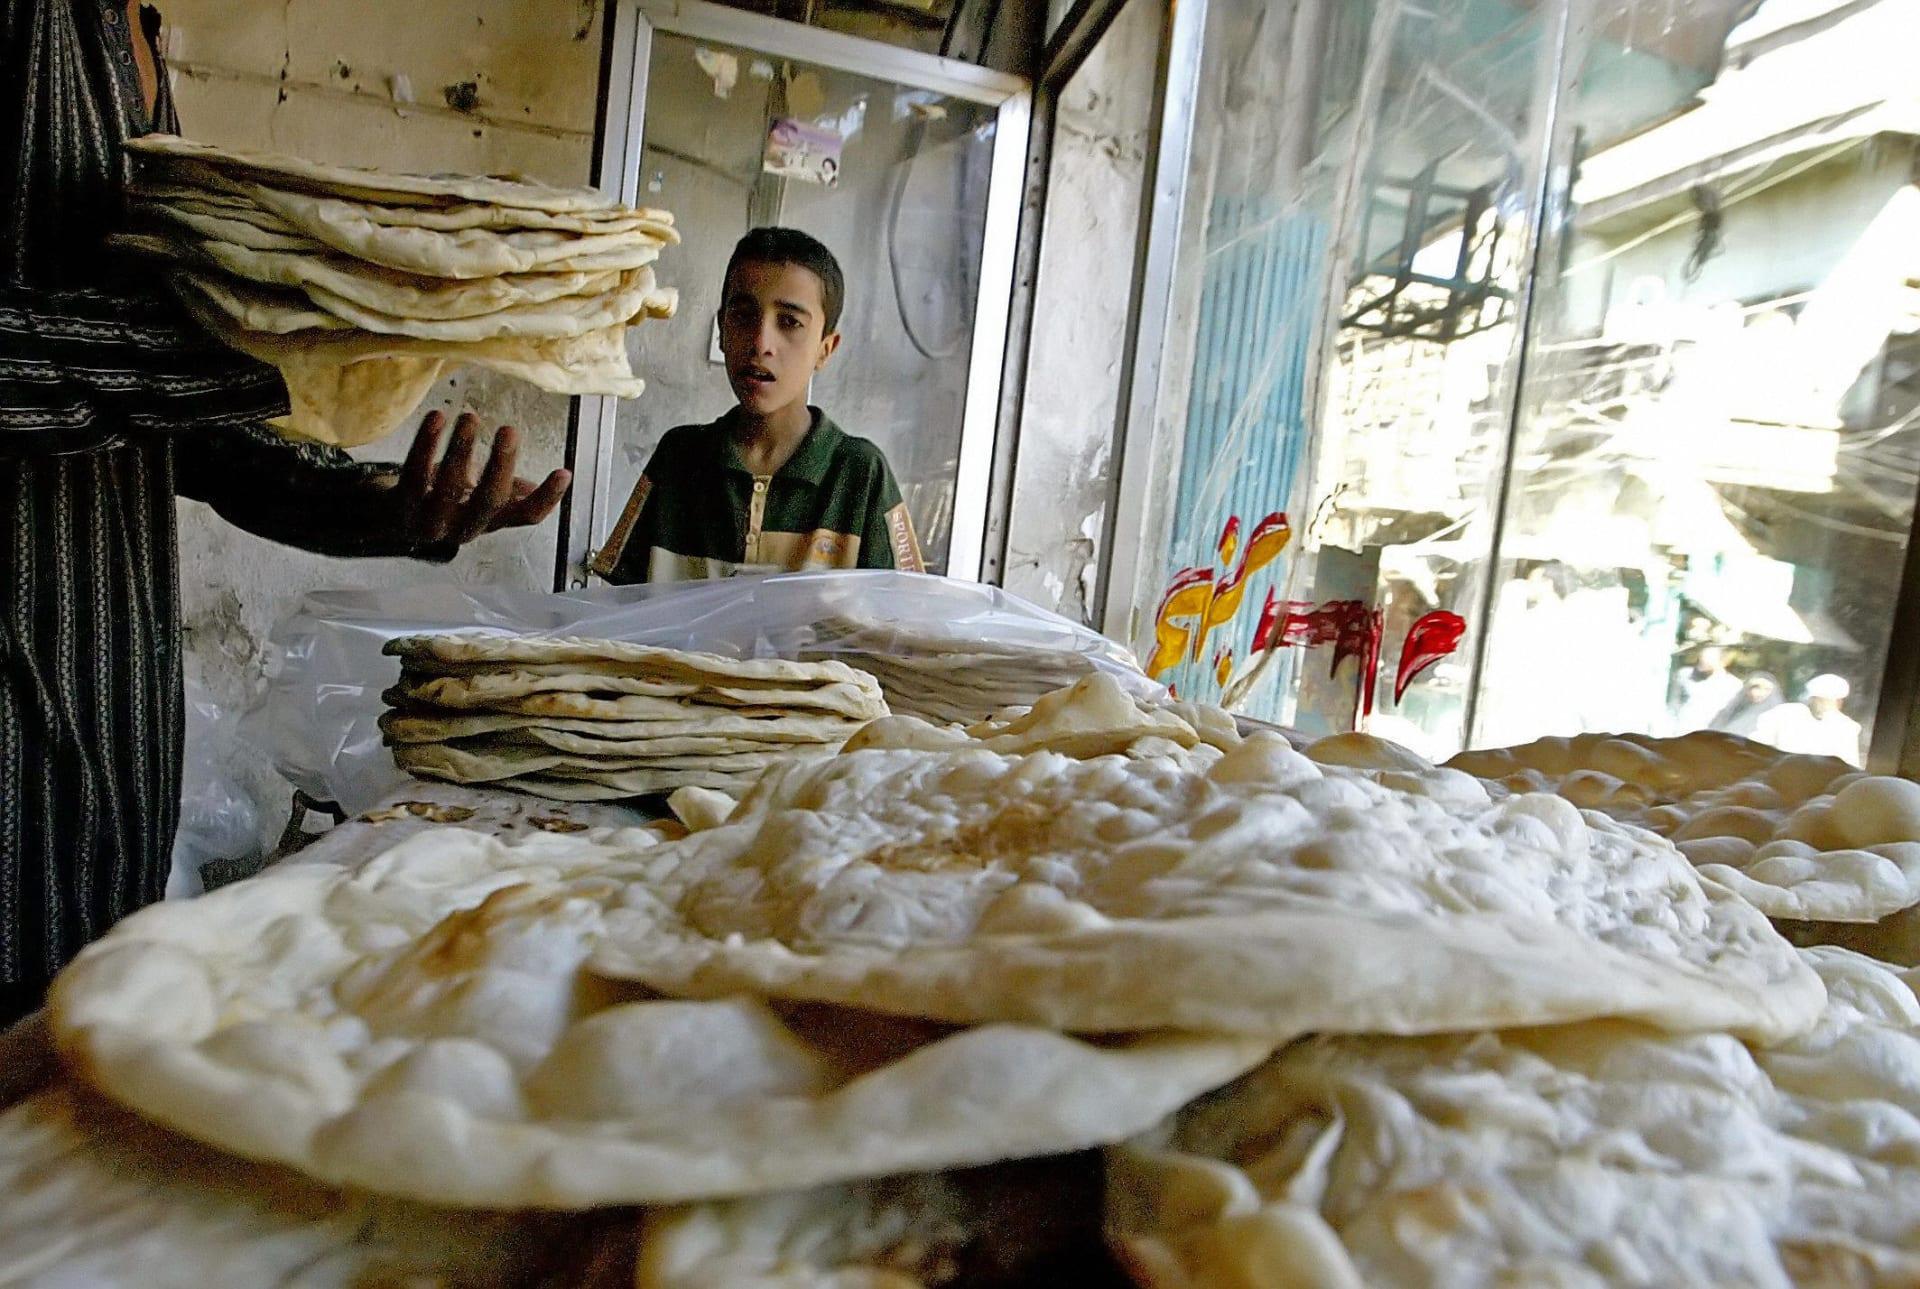 طفل يشتري الخبز من أحد المخابز المحلية بالعراق